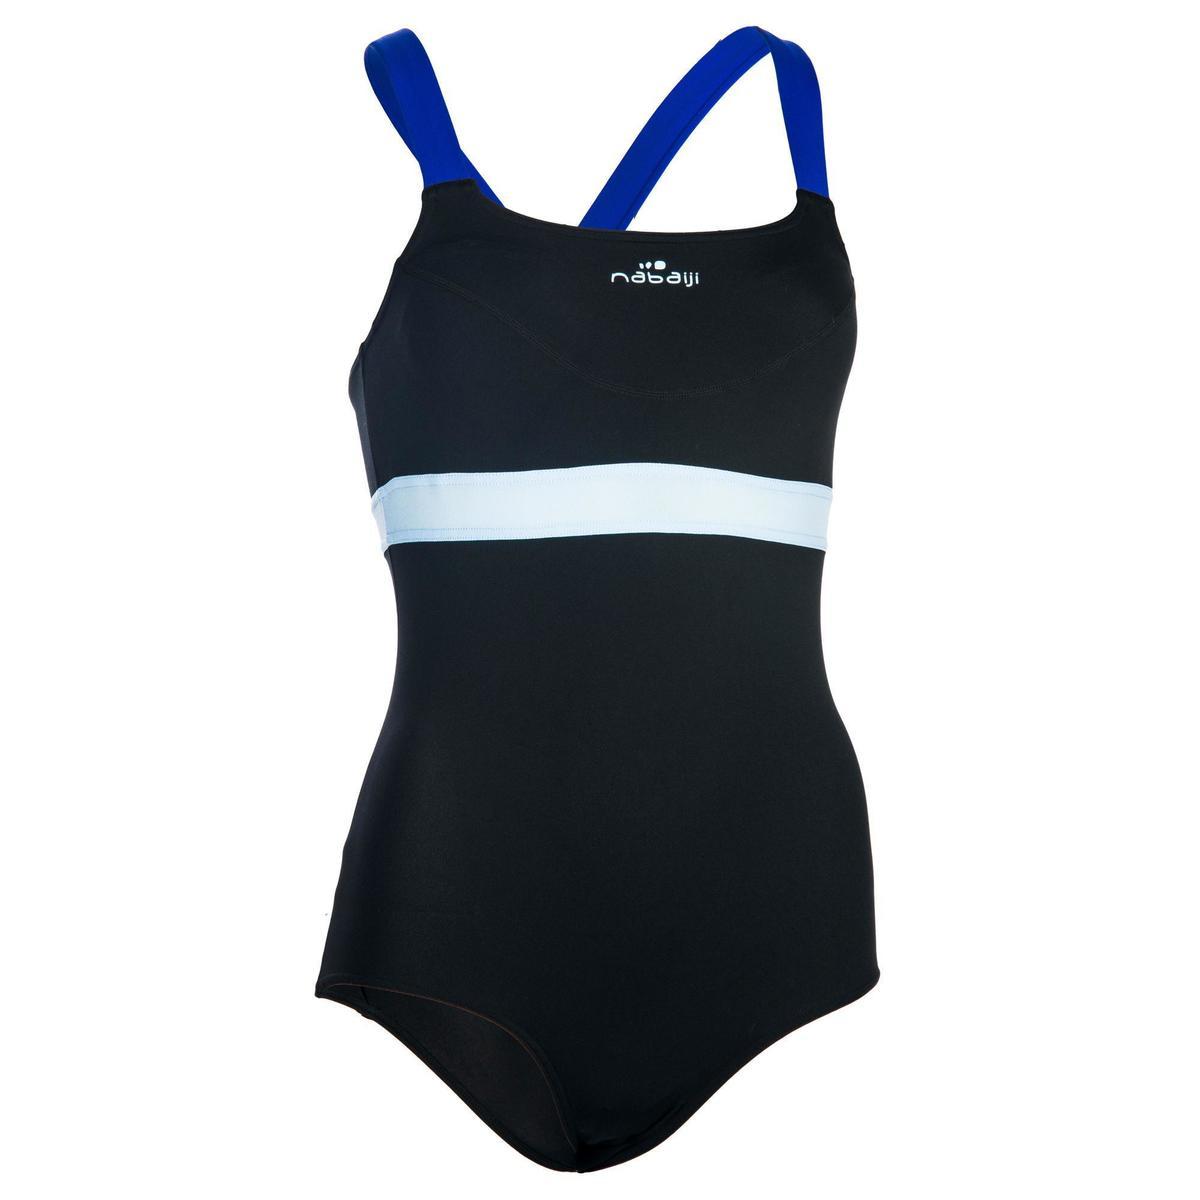 Bild 1 von Badeanzug Aqua-Biking Anna chlorresistent Damen schwarz/blau